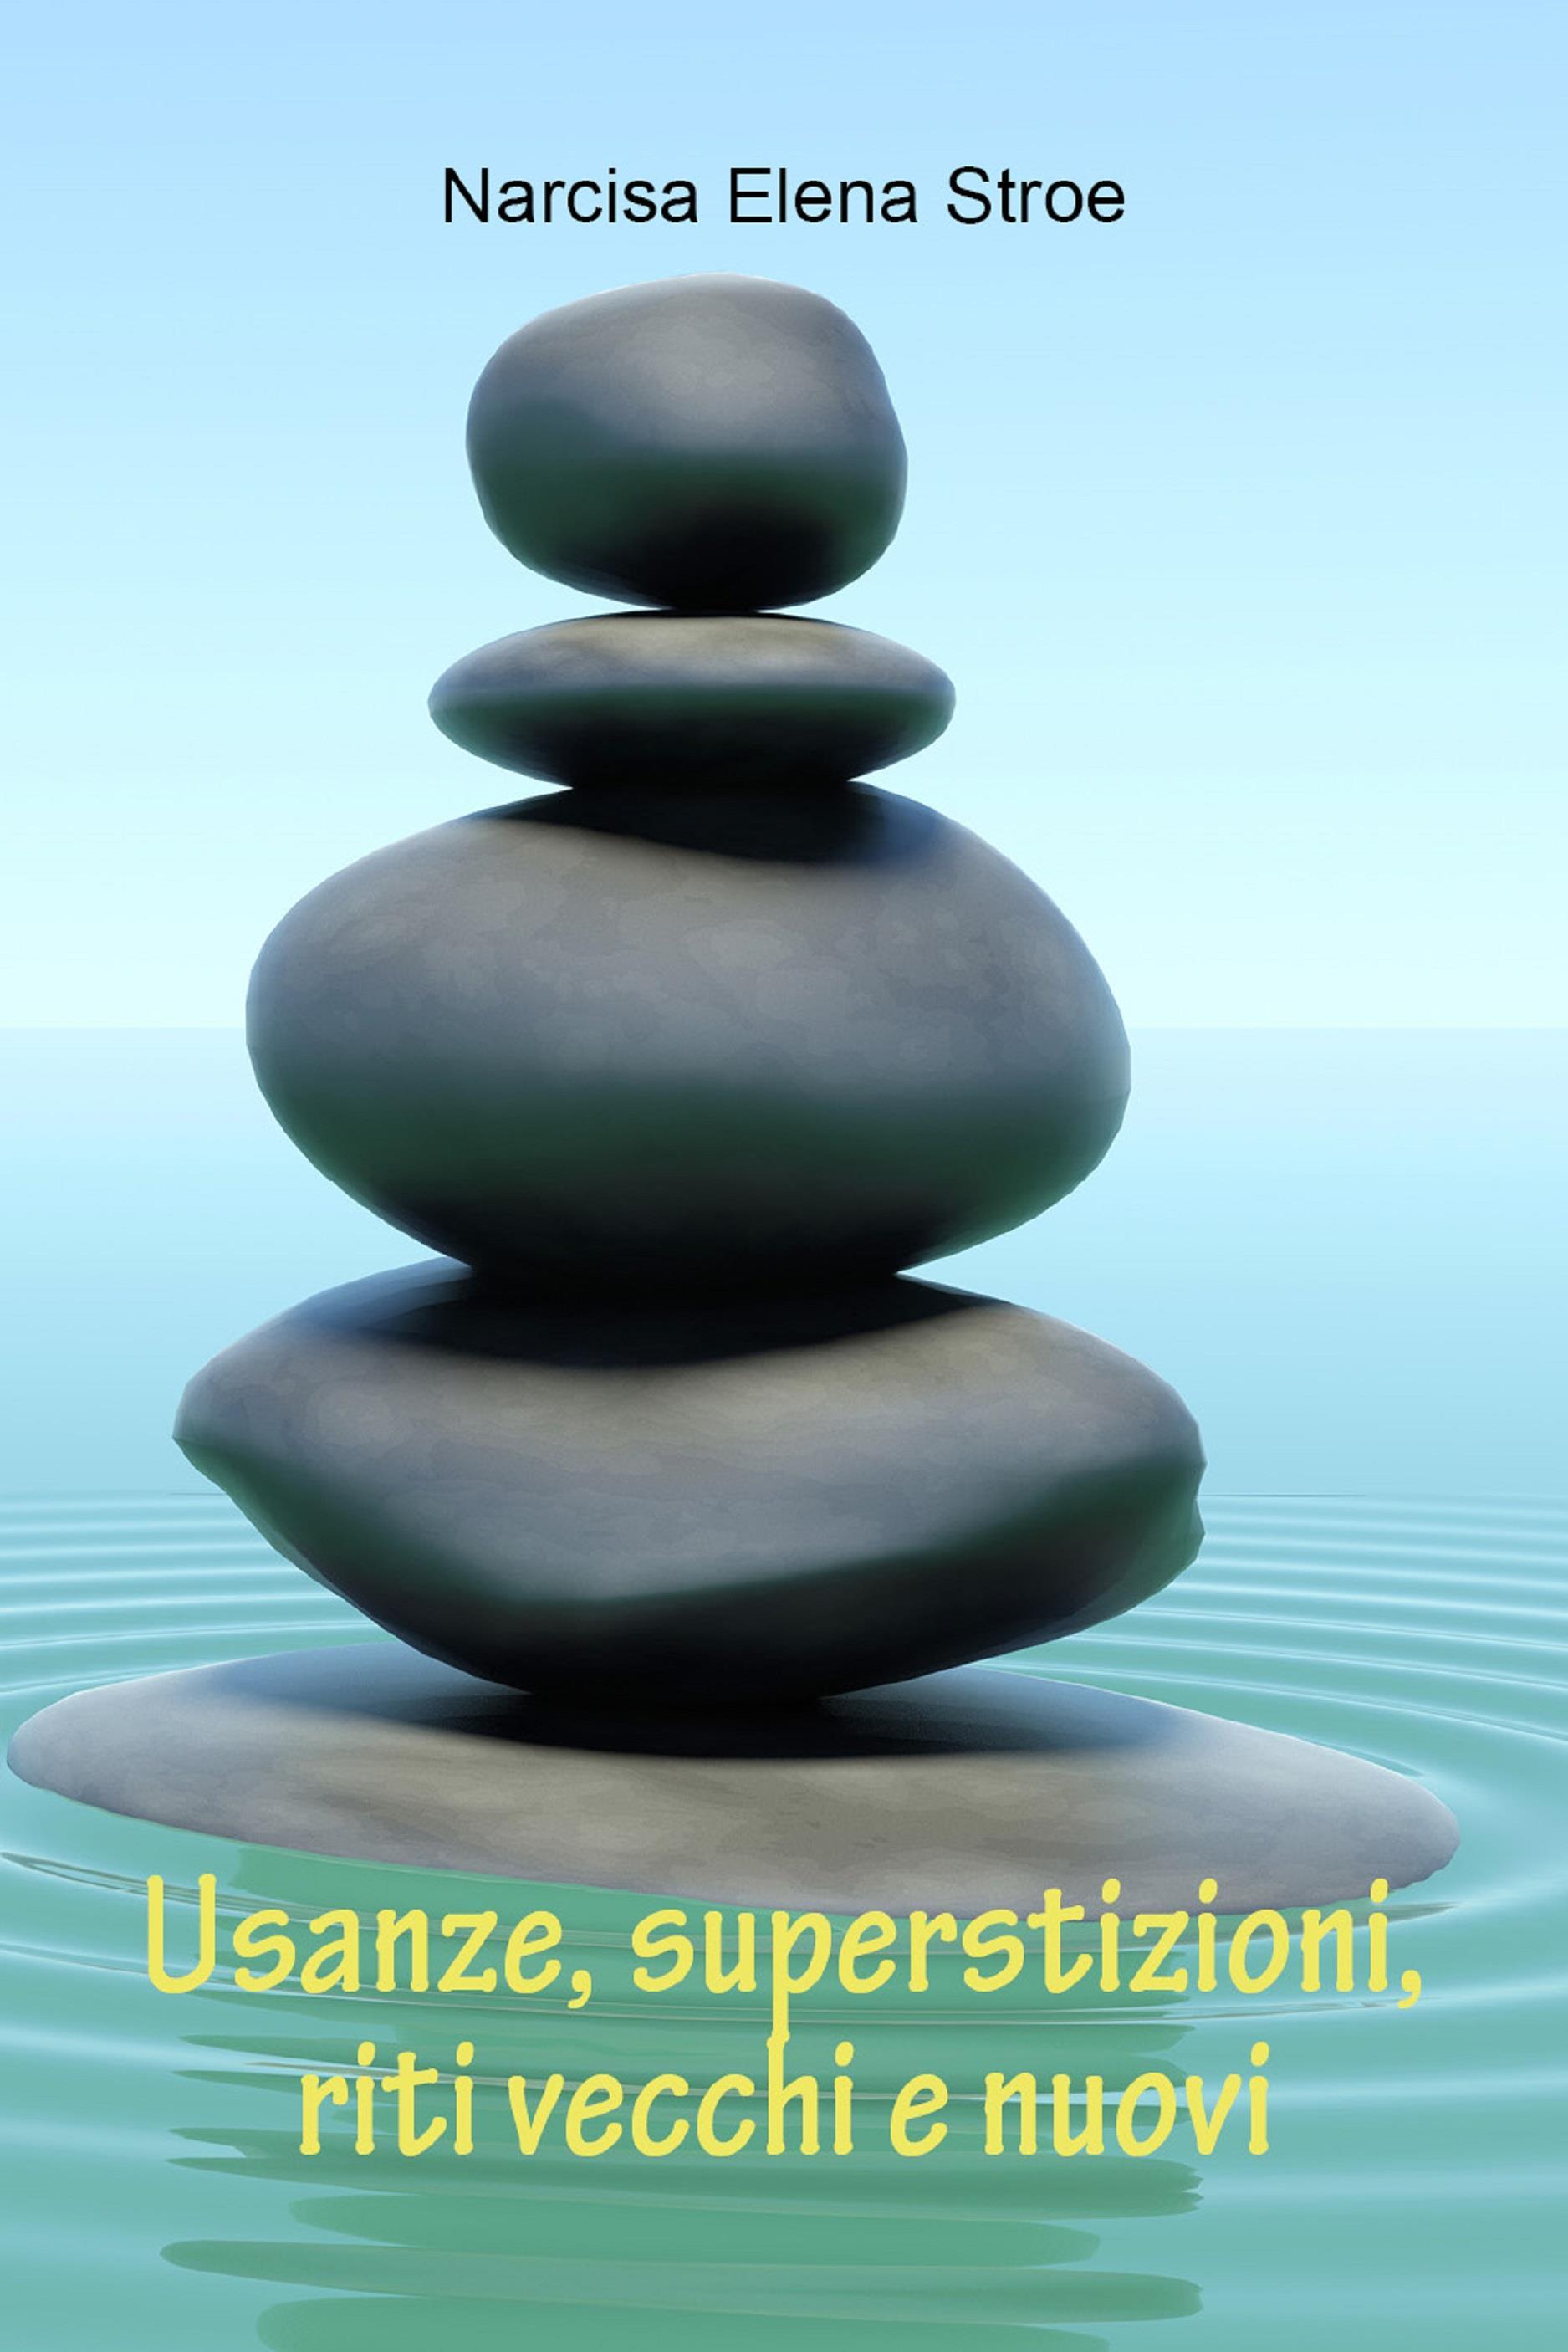 Usanze, superstizioni, riti vecchi e nuovi